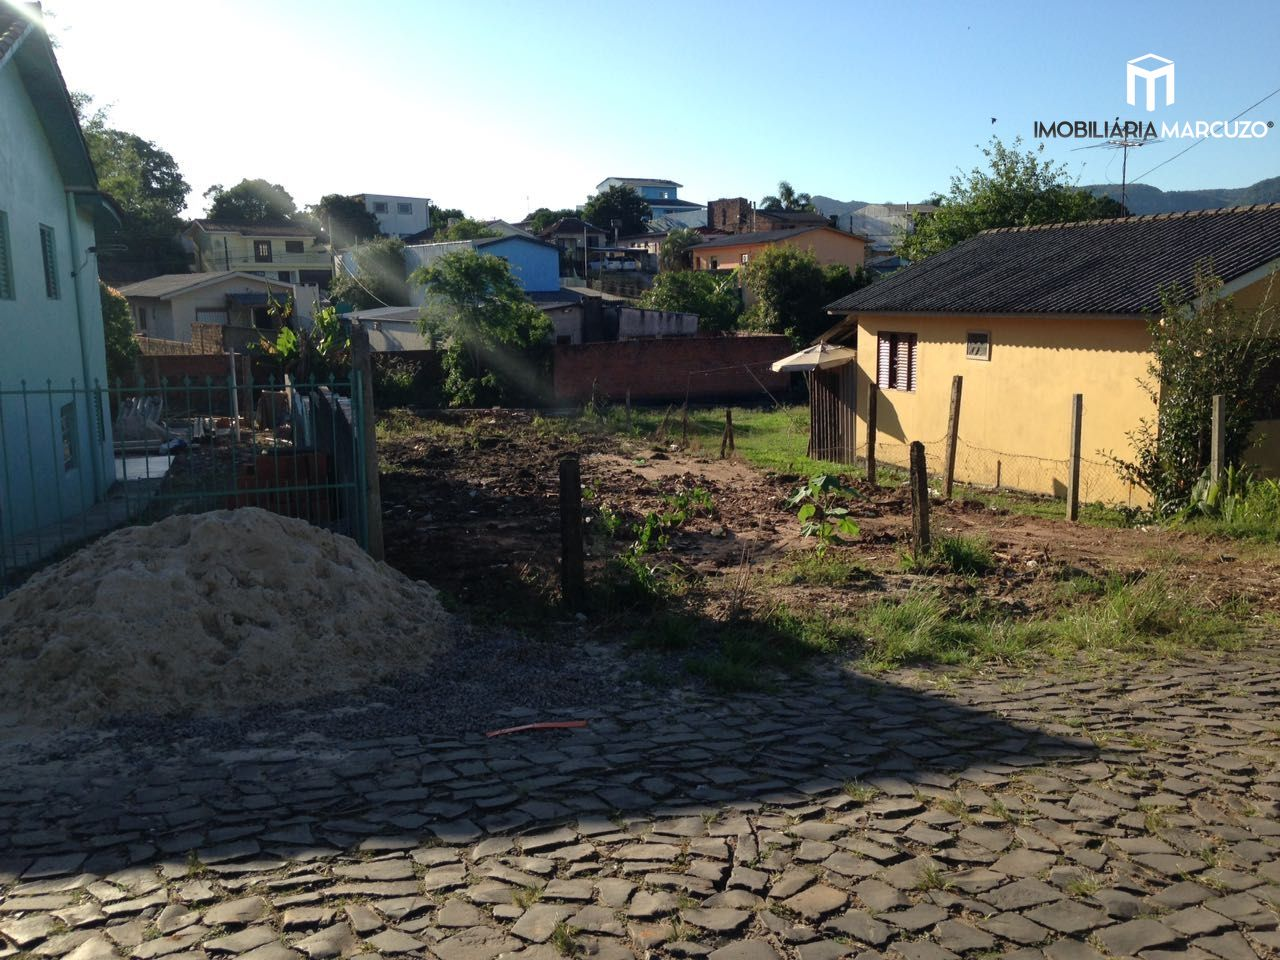 Terreno/Lote à venda, 420 m² por R$ 105.000,00